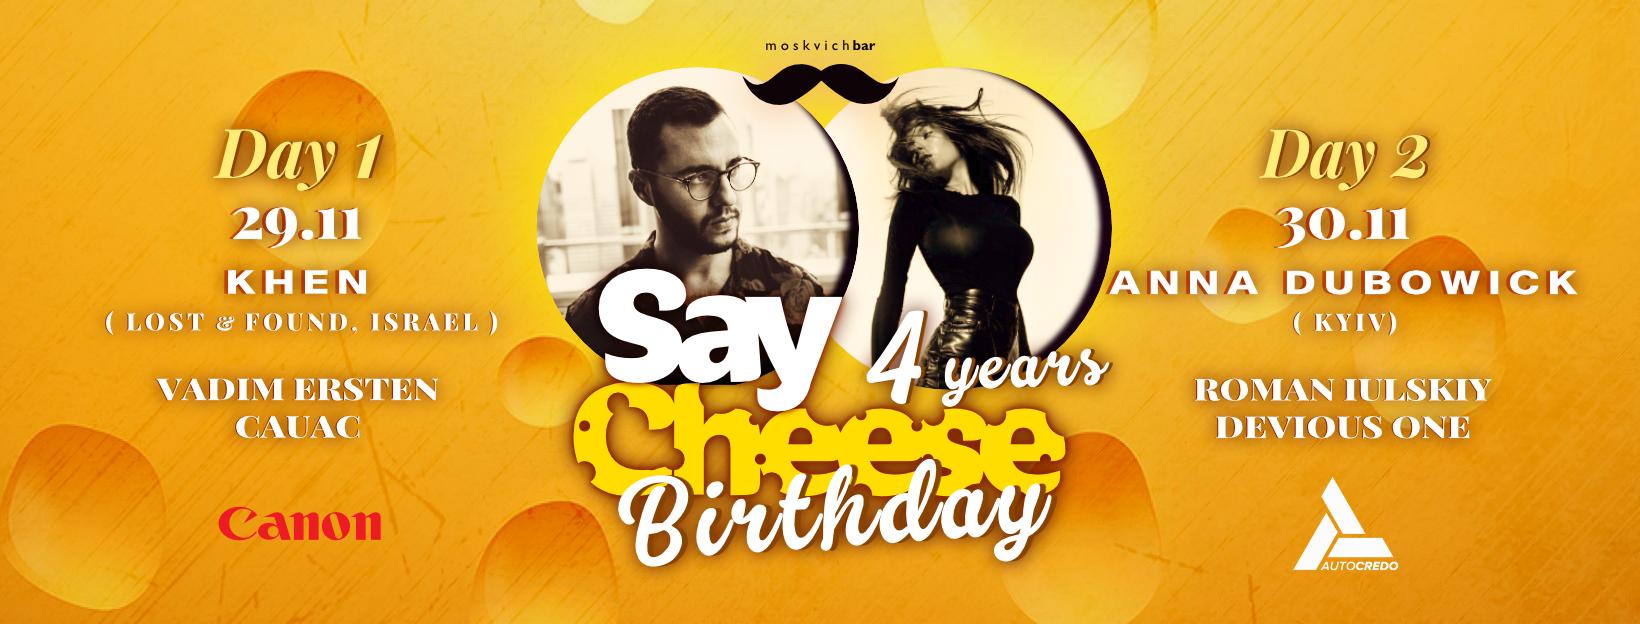 День рождения Saycheese